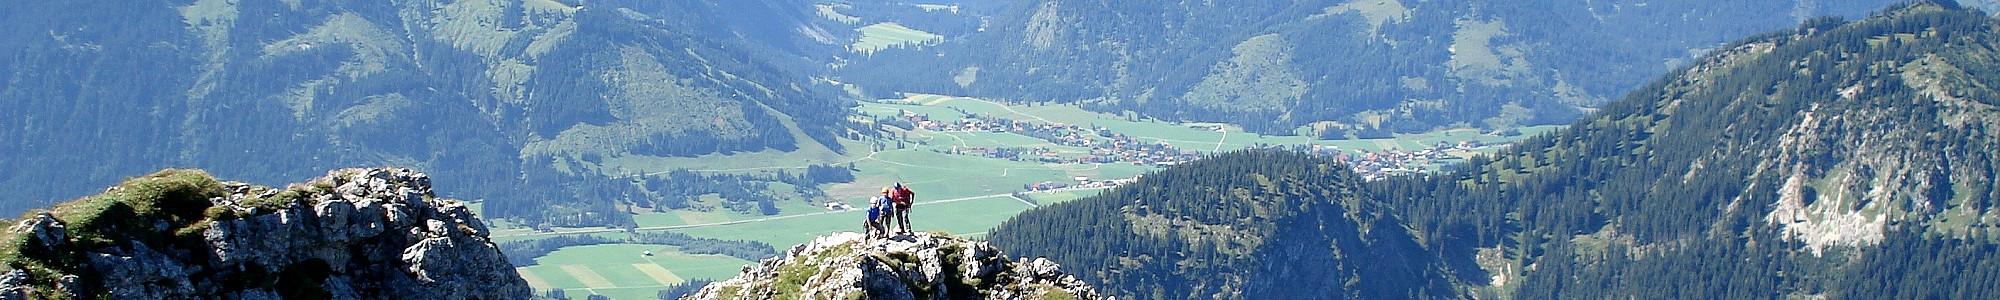 TOP Bild DAV Sektion Bad Kissingen - Deutscher Alpemverein